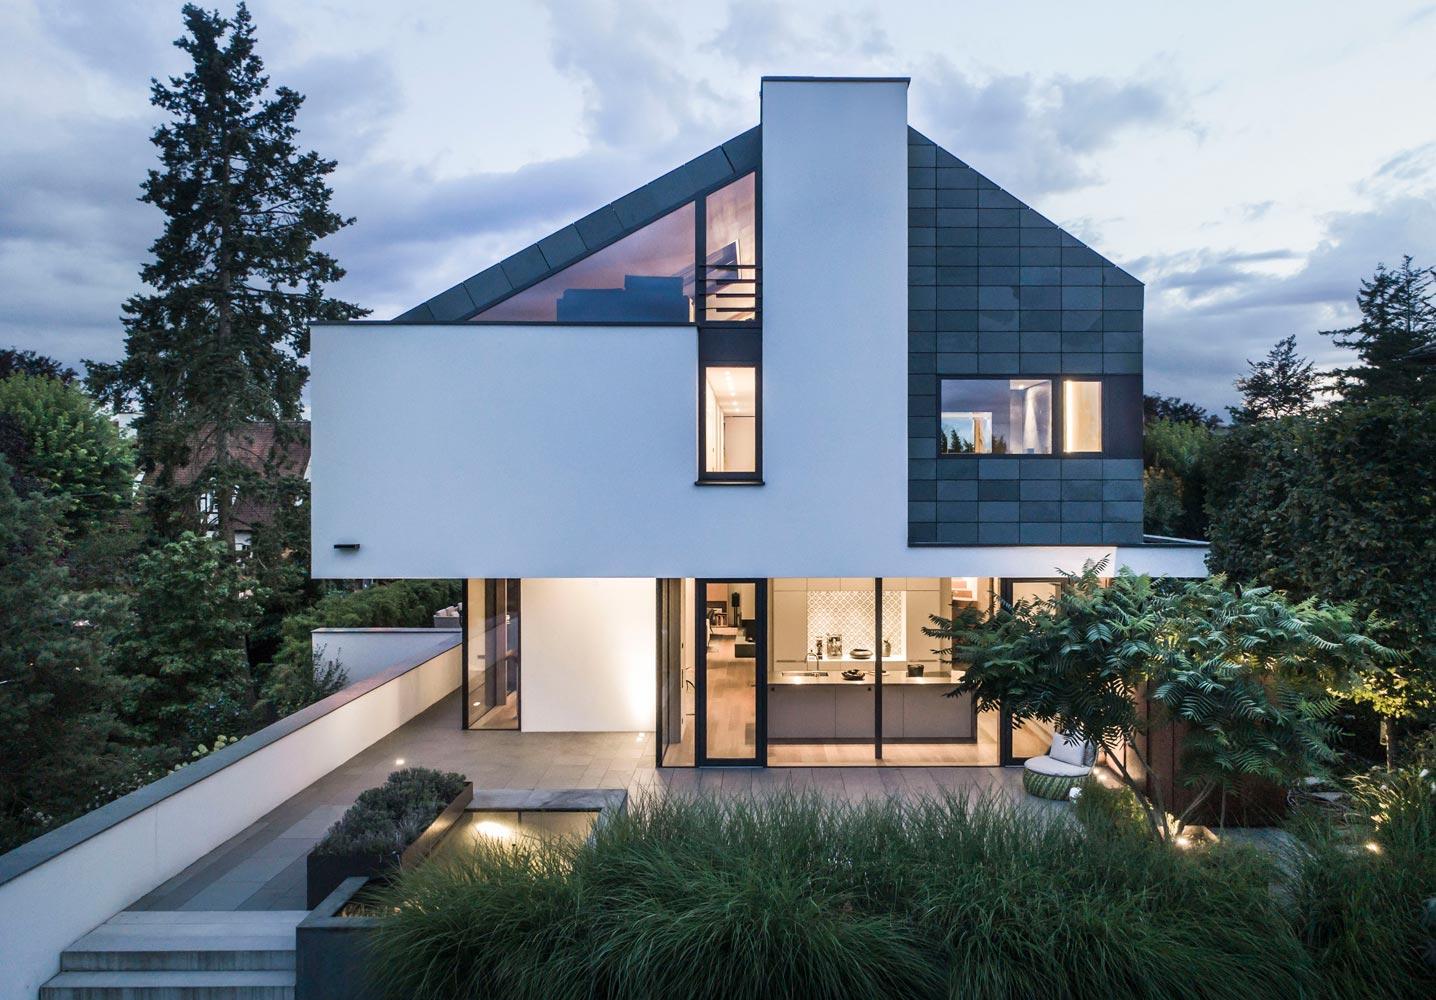 Architektur-Fotografie Wohnungsbau